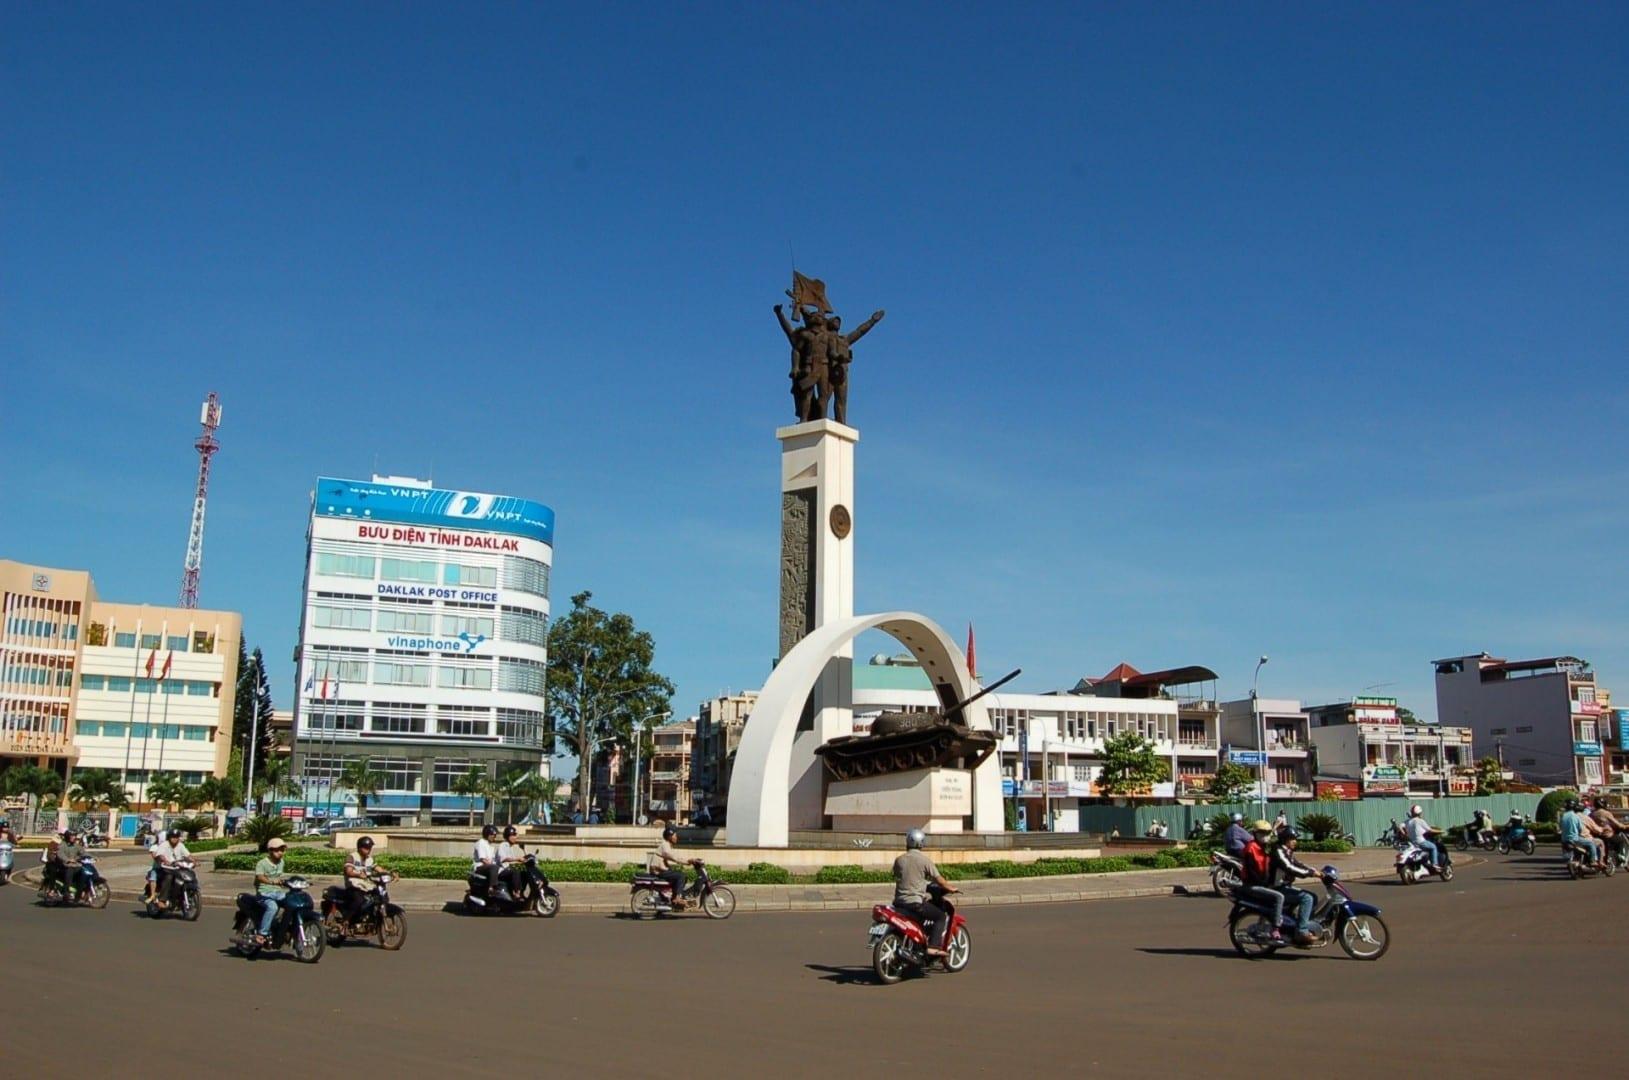 El centro de la ciudad Buon Ma Thuot Vietnam